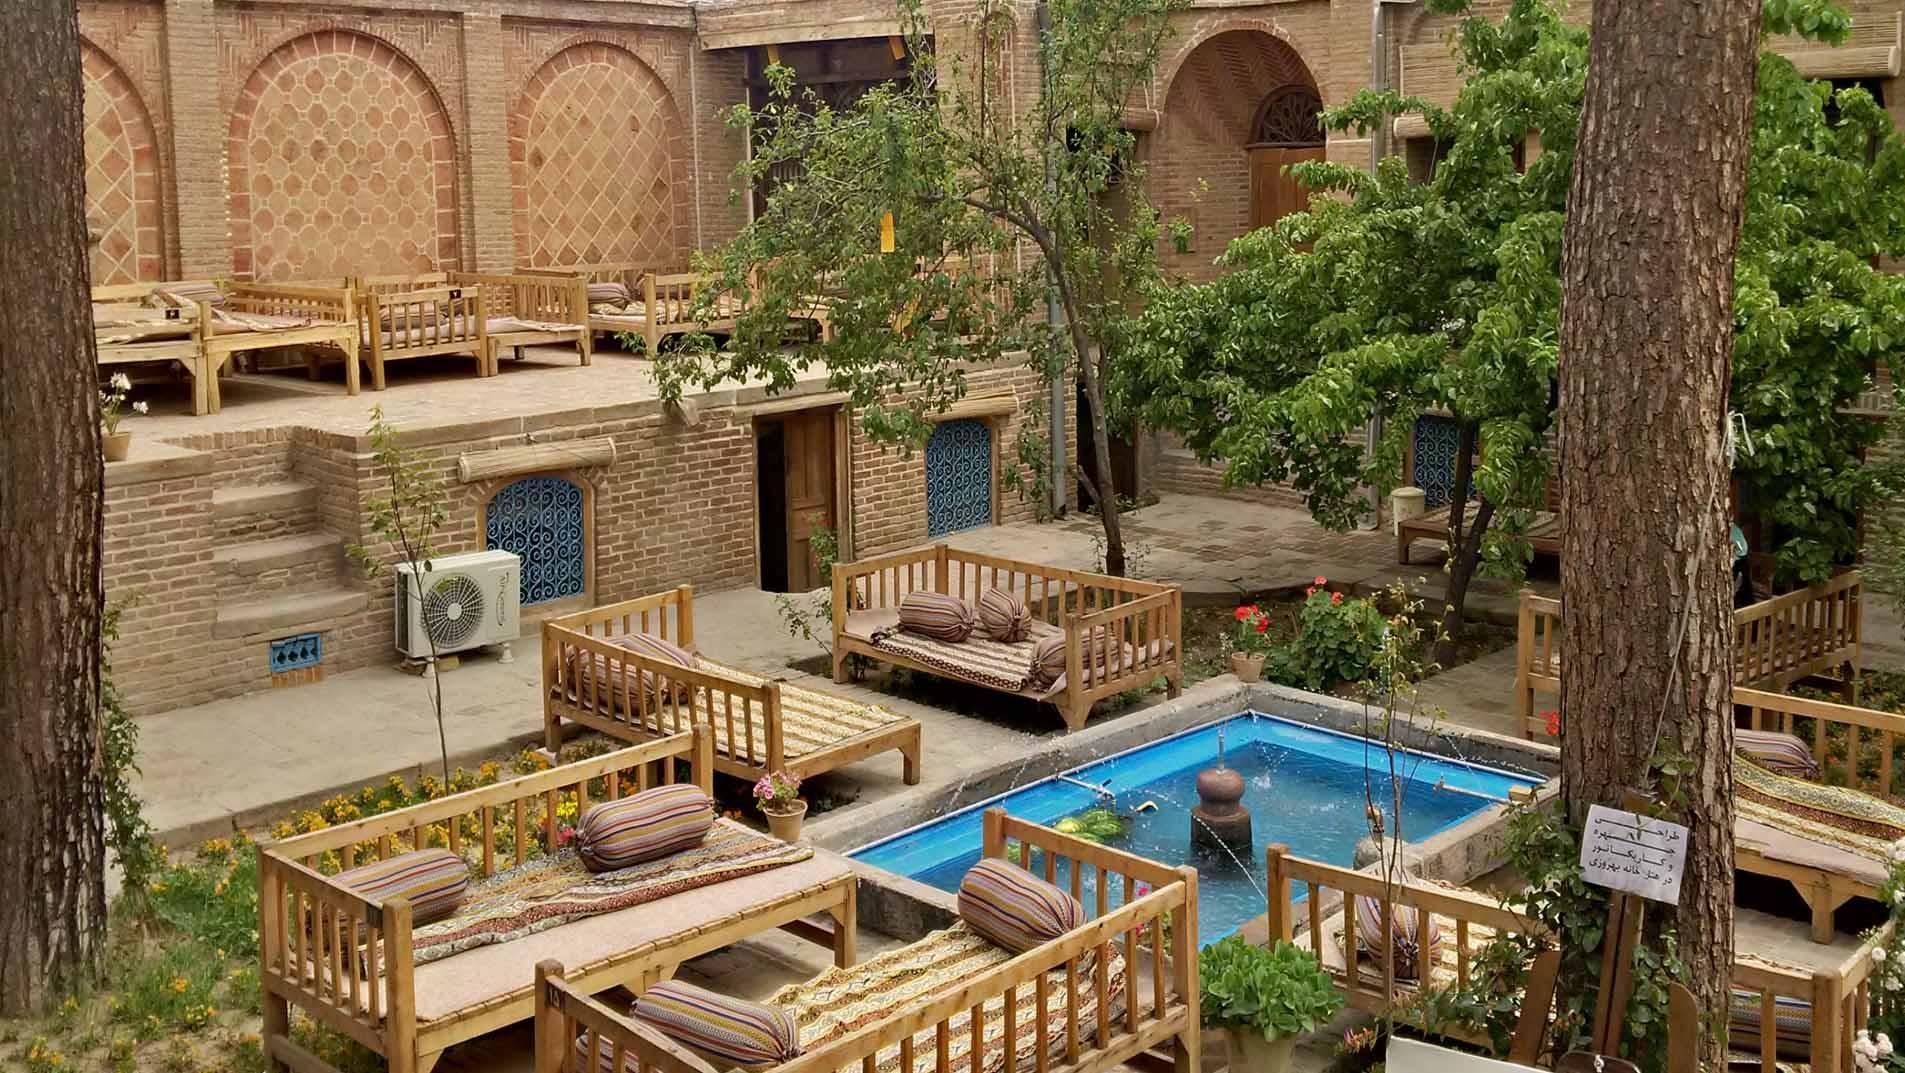 هتل های قزوین ،  جایی برای اقامتی شاد و به یاد ماندنی